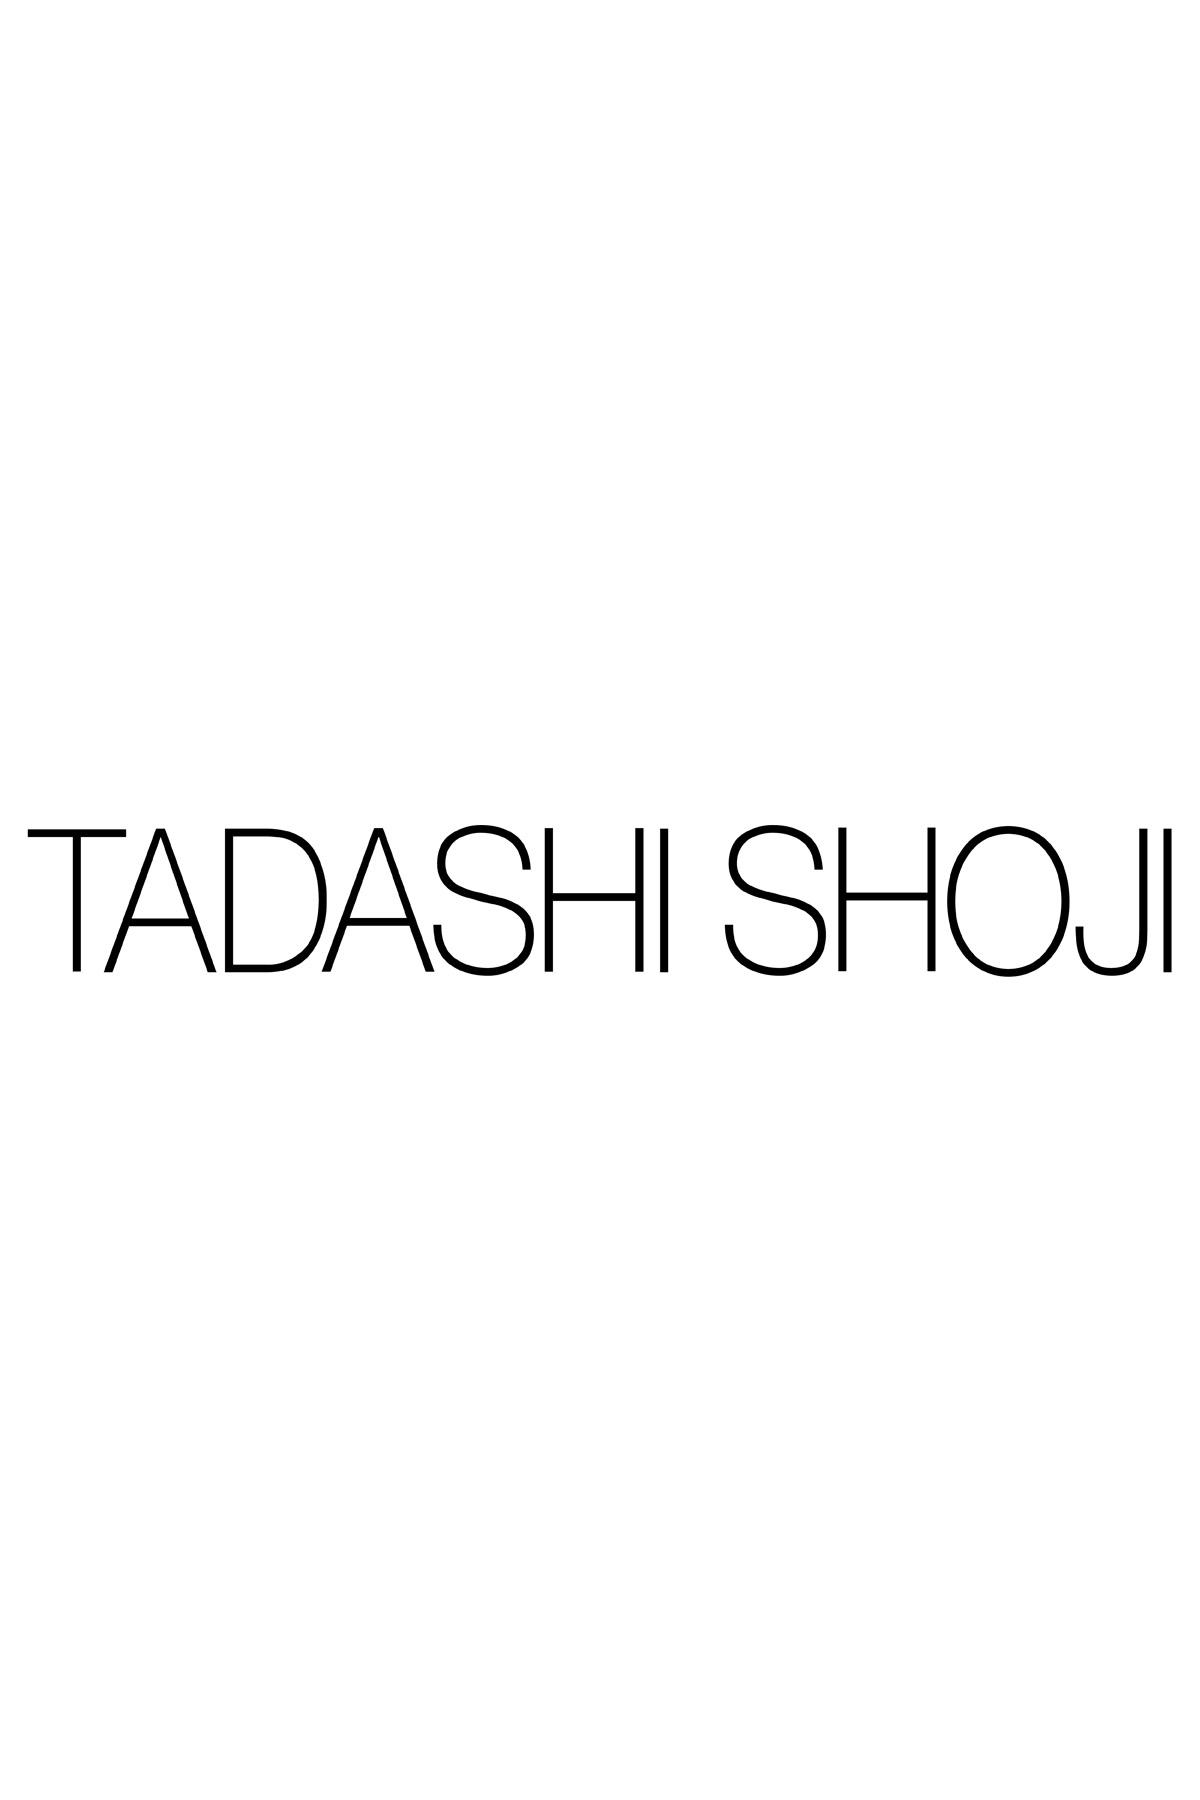 Nyx Ruffled Taffeta Dress